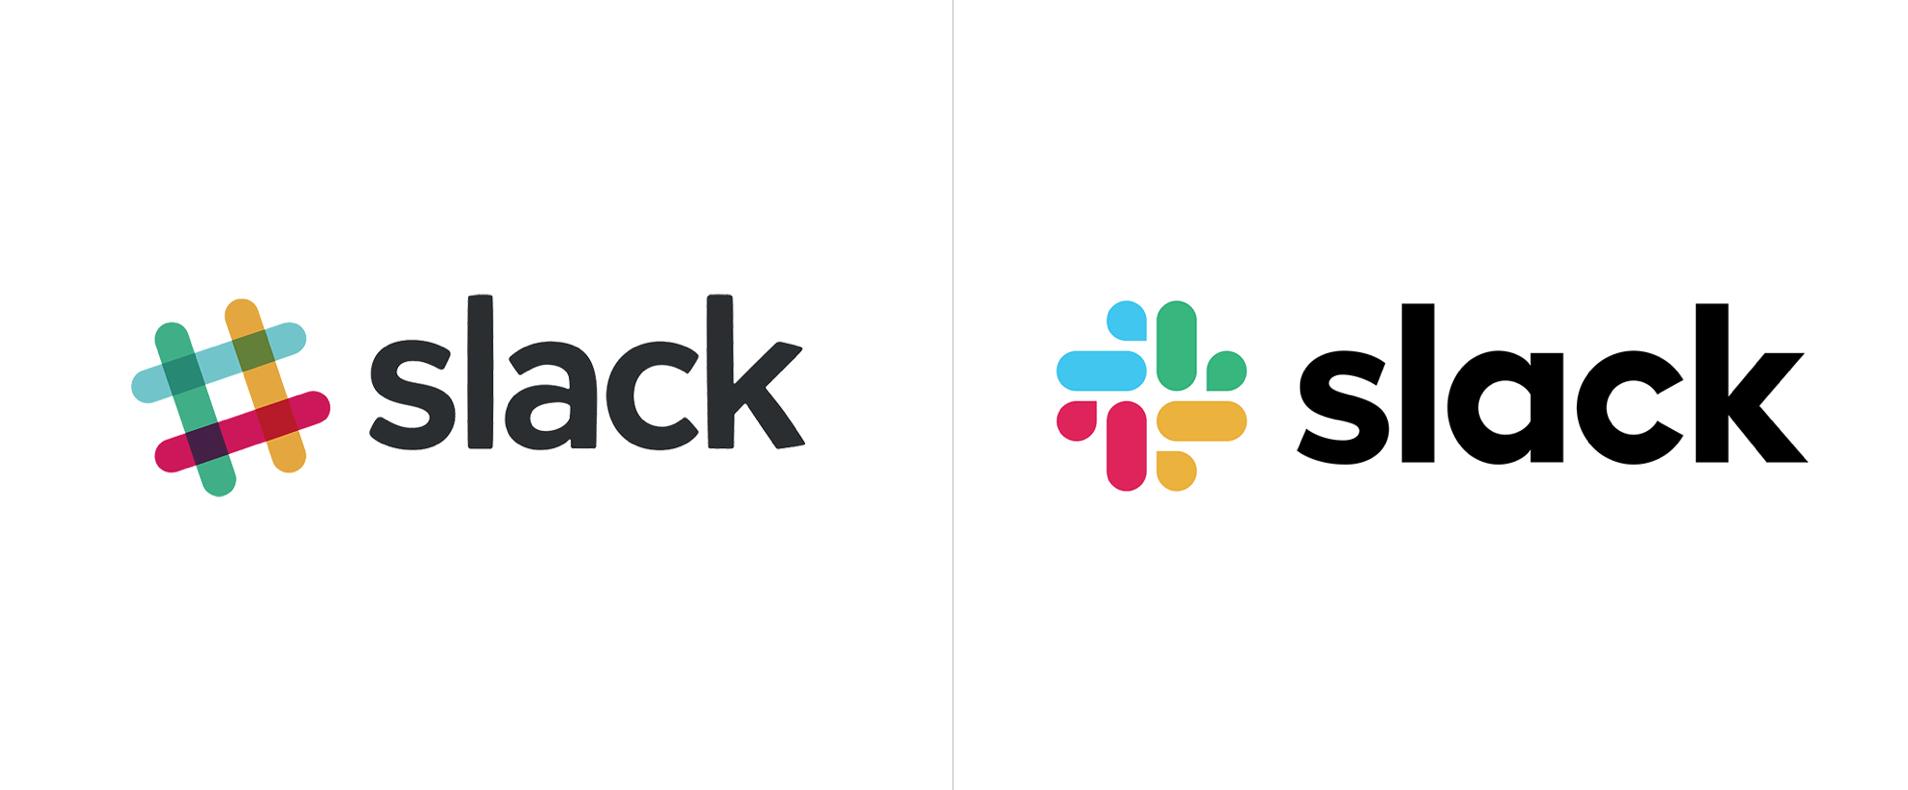 Slack has re-designed their logo